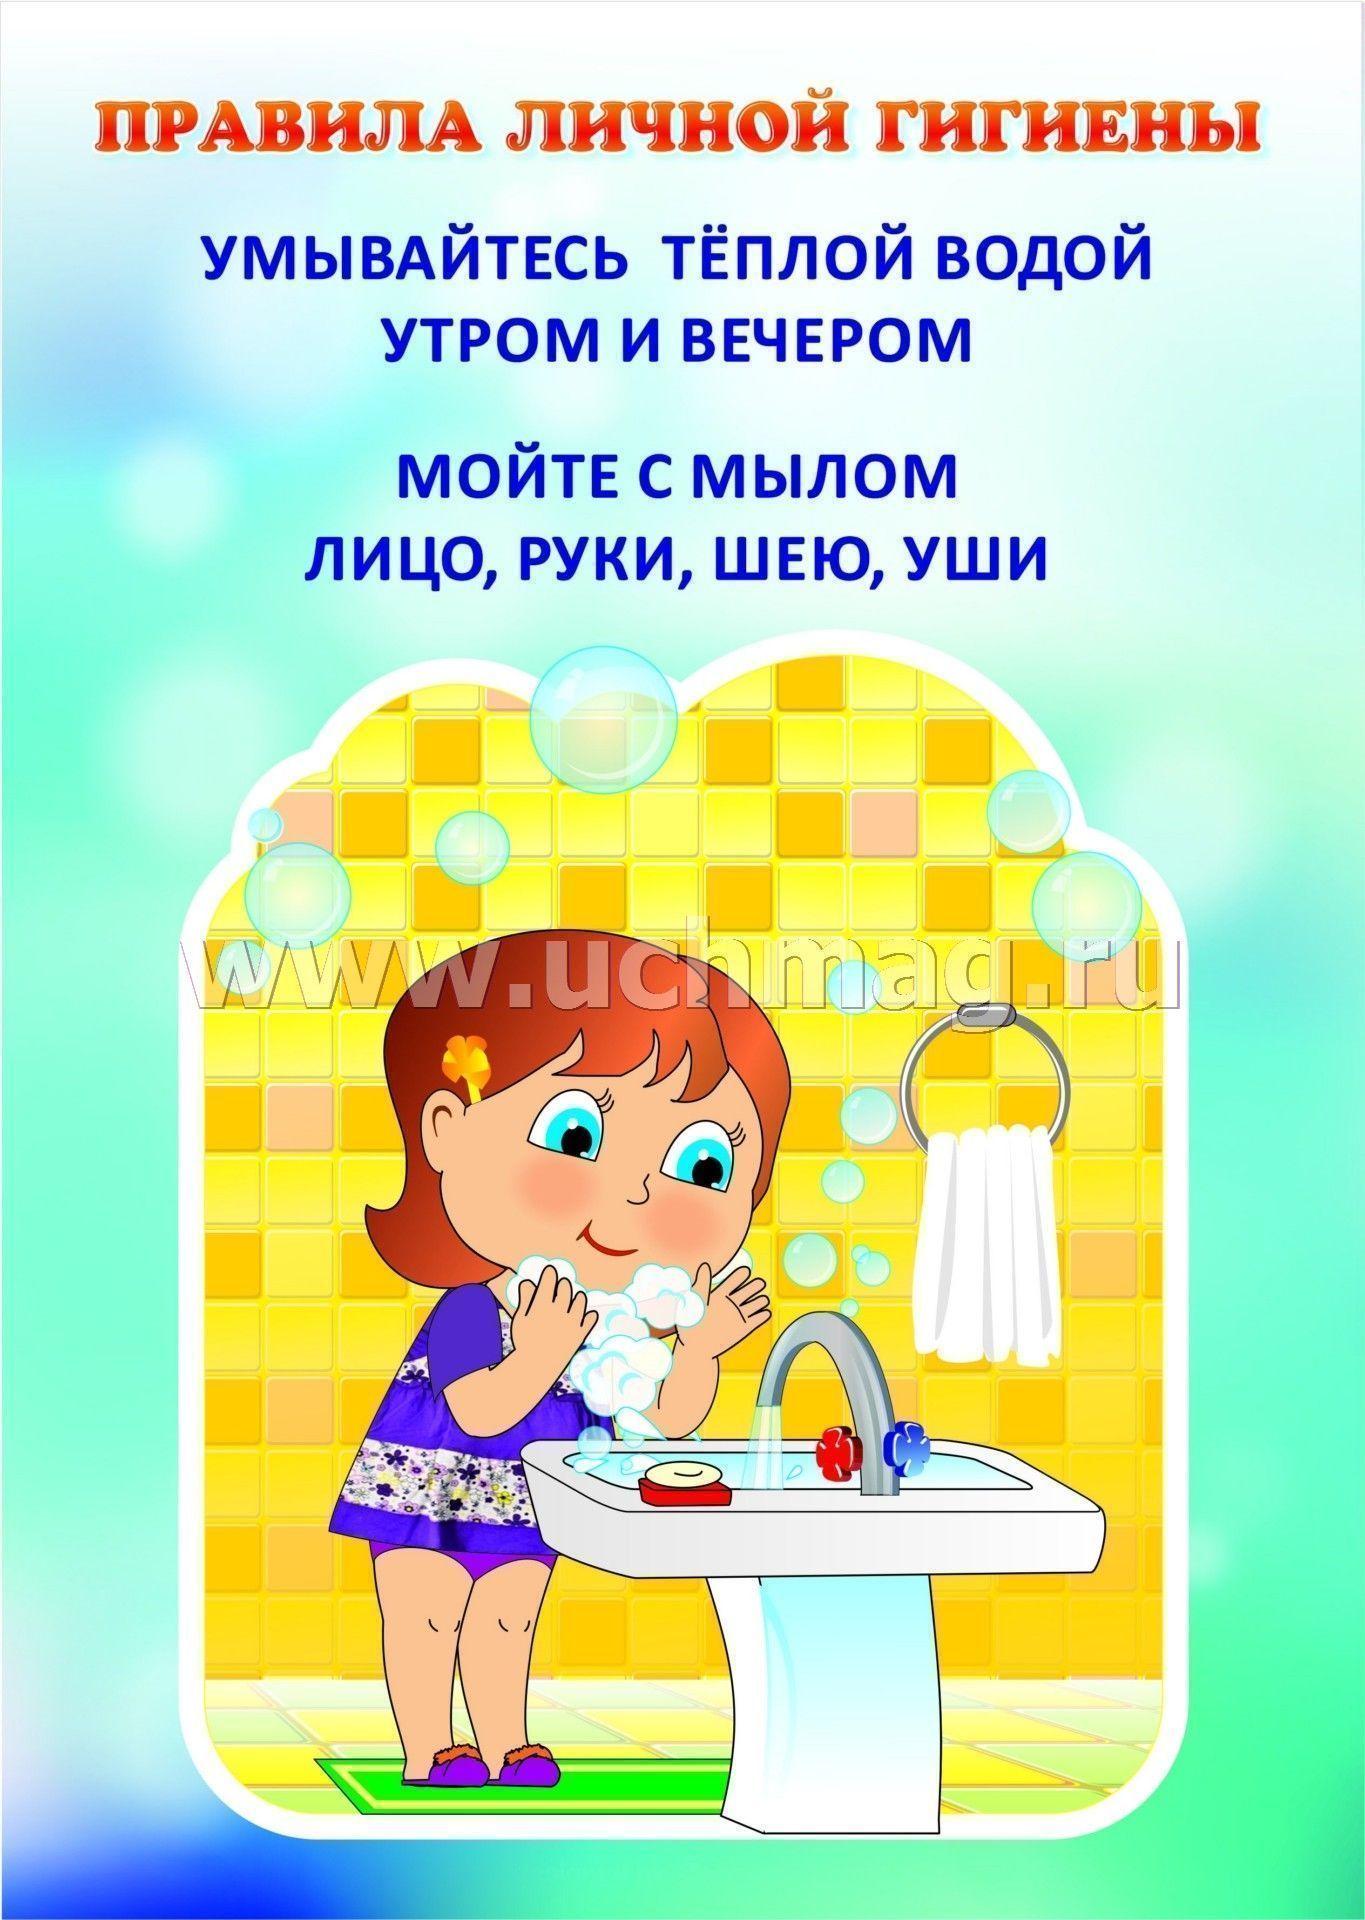 Картинки для консультаций детского сада гигиена